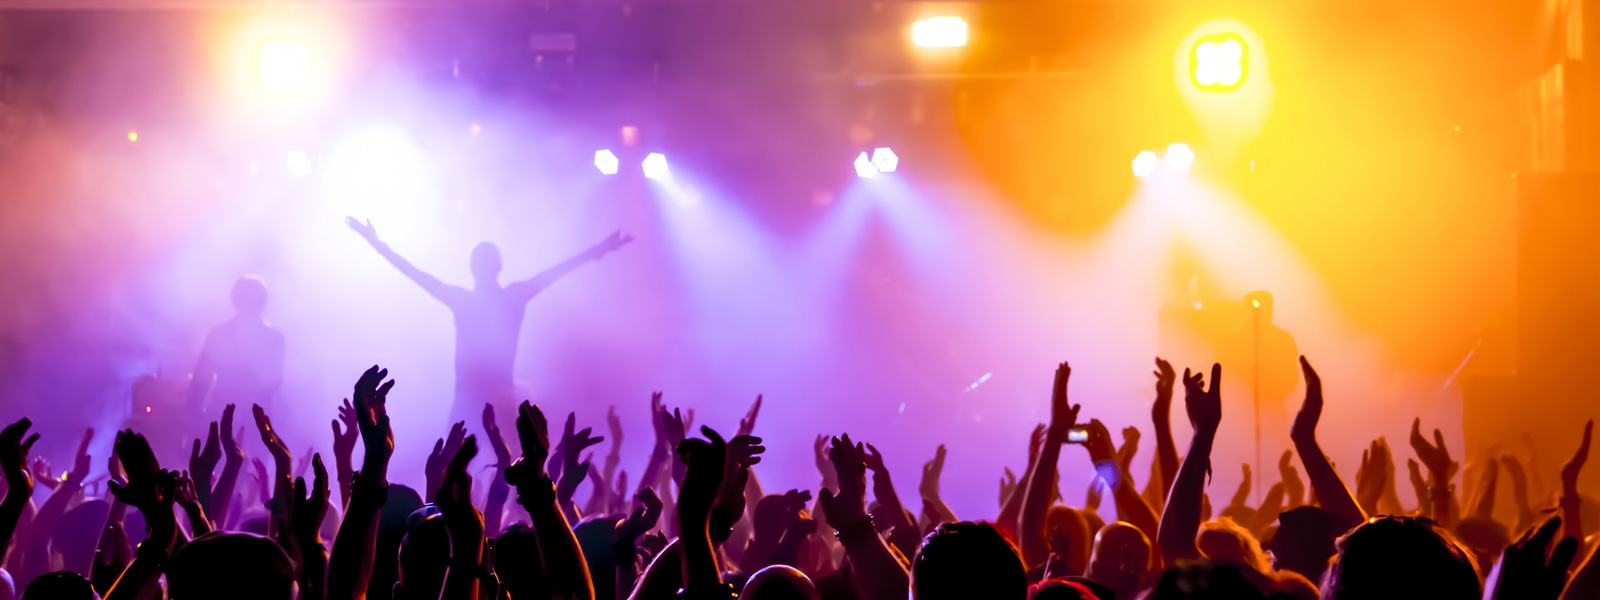 Viewpoint Veranstaltungstechnik in Rastatt ist Ihr Partner für die Betreuung Ihre Veranstaltung durch qualifizierte Lichttechniker und Tontechniker. Aufbau und Abbau von Konzertbühnen und Messebau sowie technische Betreuung von Konzerten und Festivals. Wir sind auch spezialisiert auf das Rigging (Aufhängung und Bestigung von Lautsprecher, Scheinwerfer und Videotechnik). Zu unseren leistungen gehören auch Veranstaltungsplanung und Eventmanagement. Selbstverständlich können Sie bei uns auch Lichtanlagen und Beschallungsanlagen mieten oder leihen.